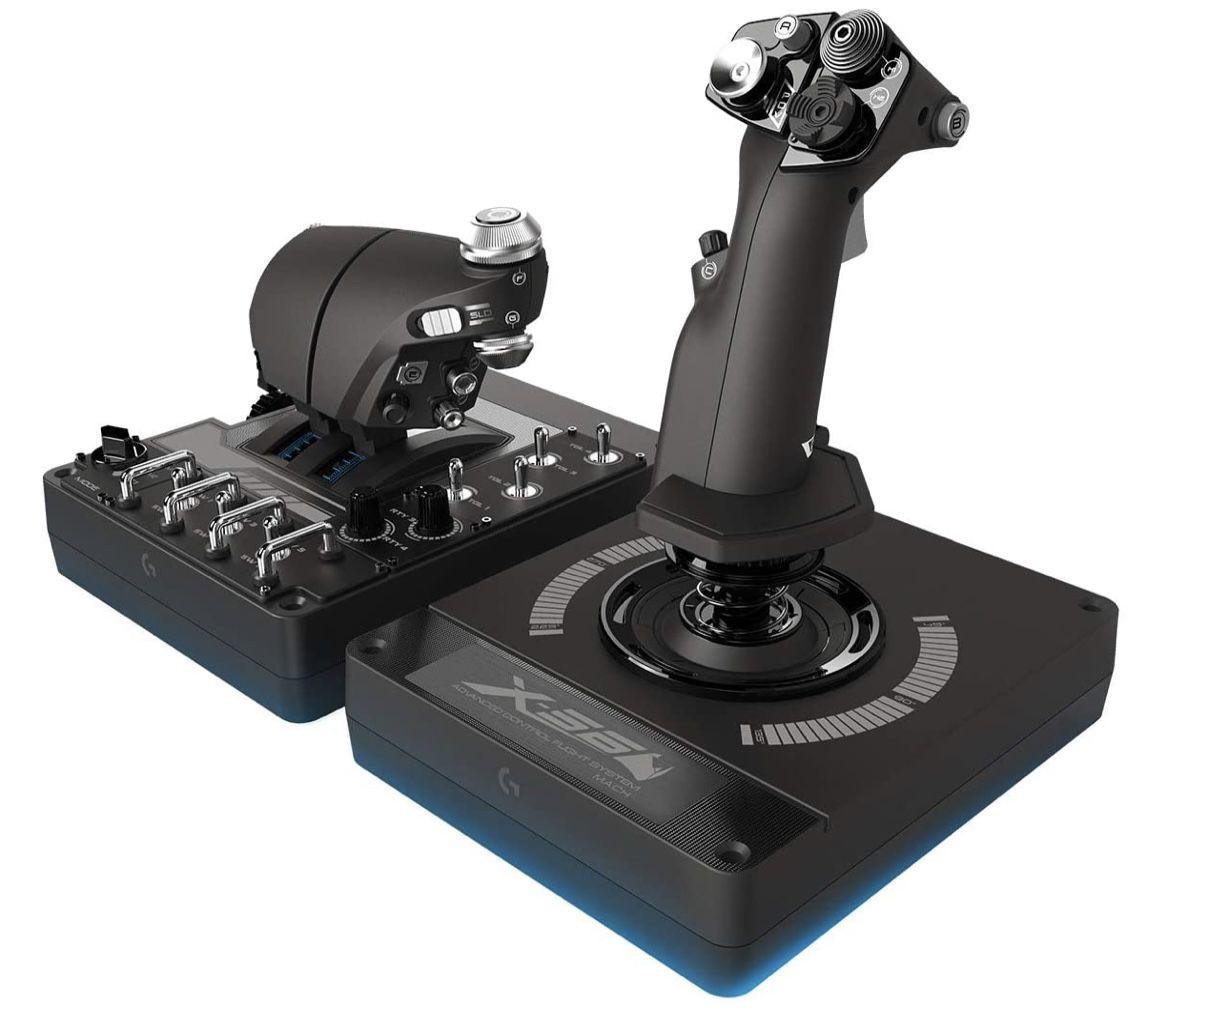 Logitech G X56 H.O.T.A.S. Schubregler & Stick-Controller für 212,55€ (statt 235€)